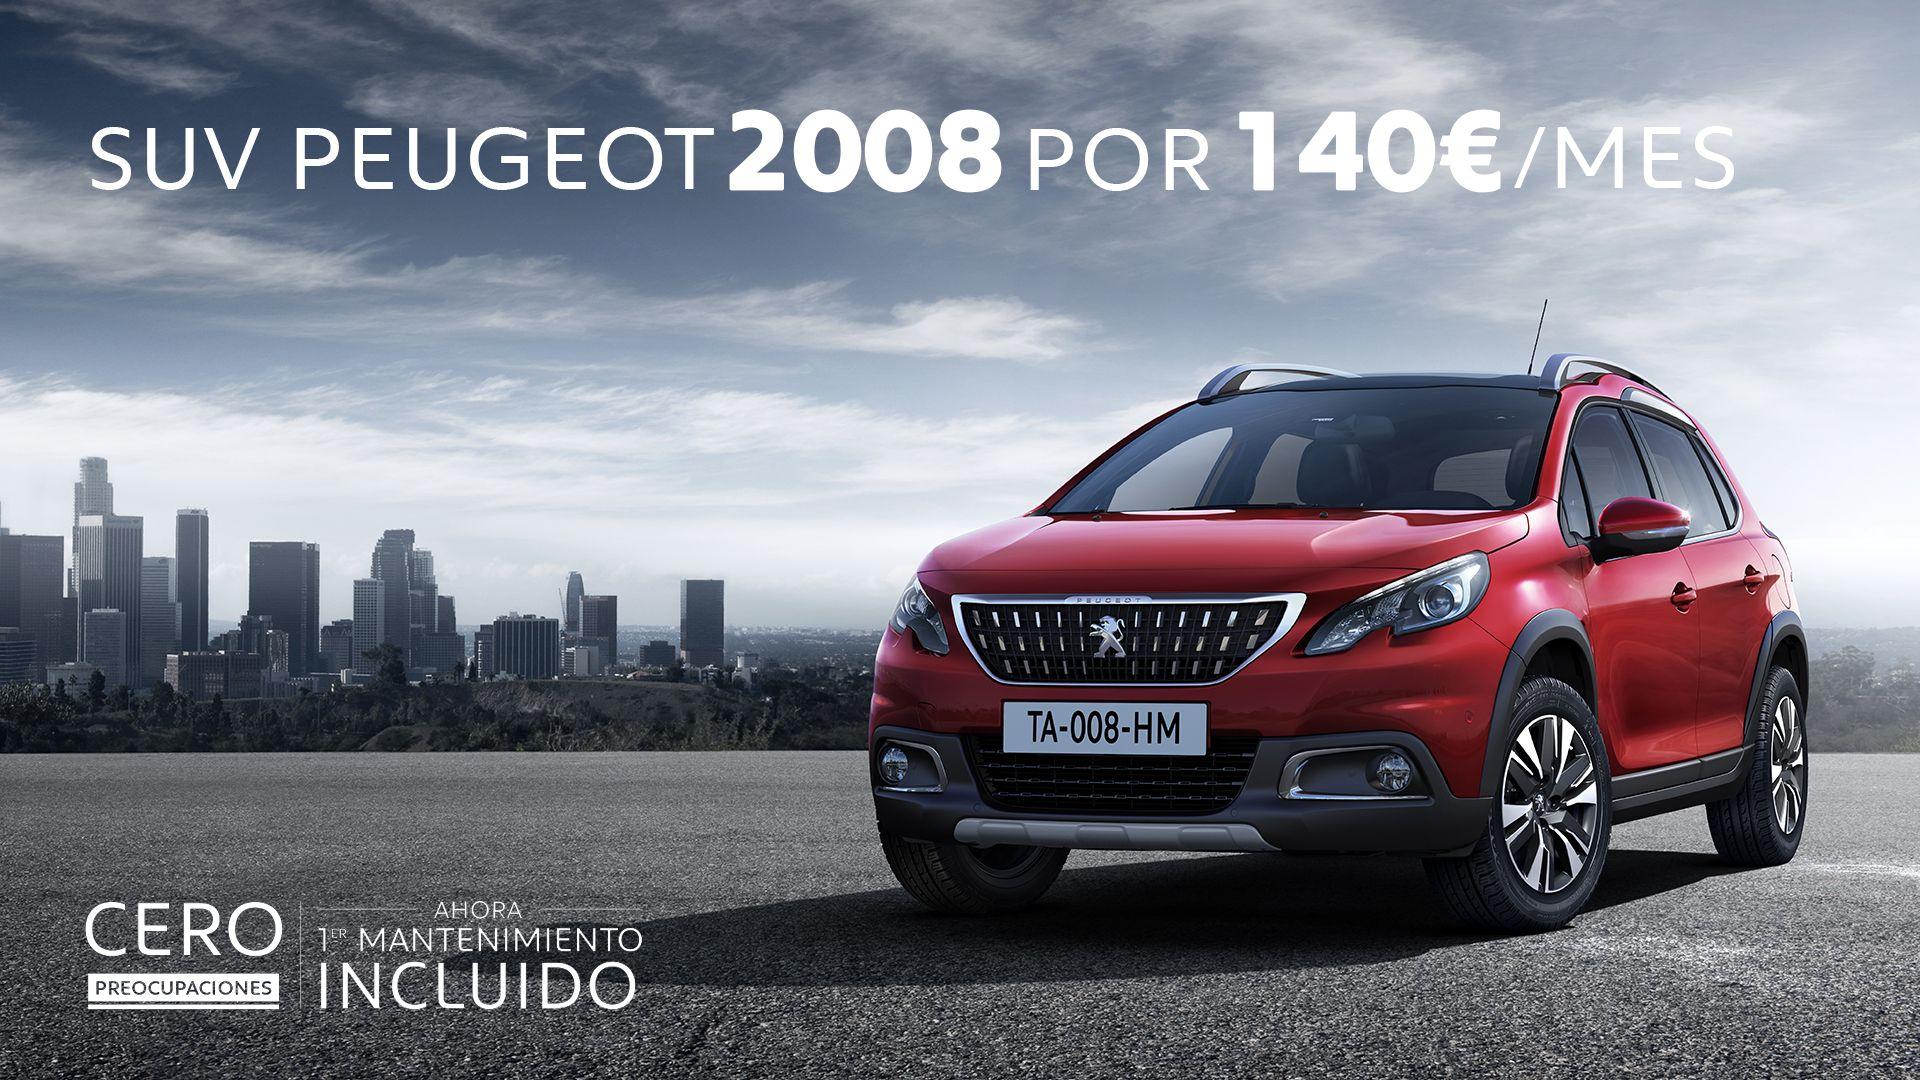 Estrena un Peugeot 2008 con mantenimiento por sólo 140€/mes